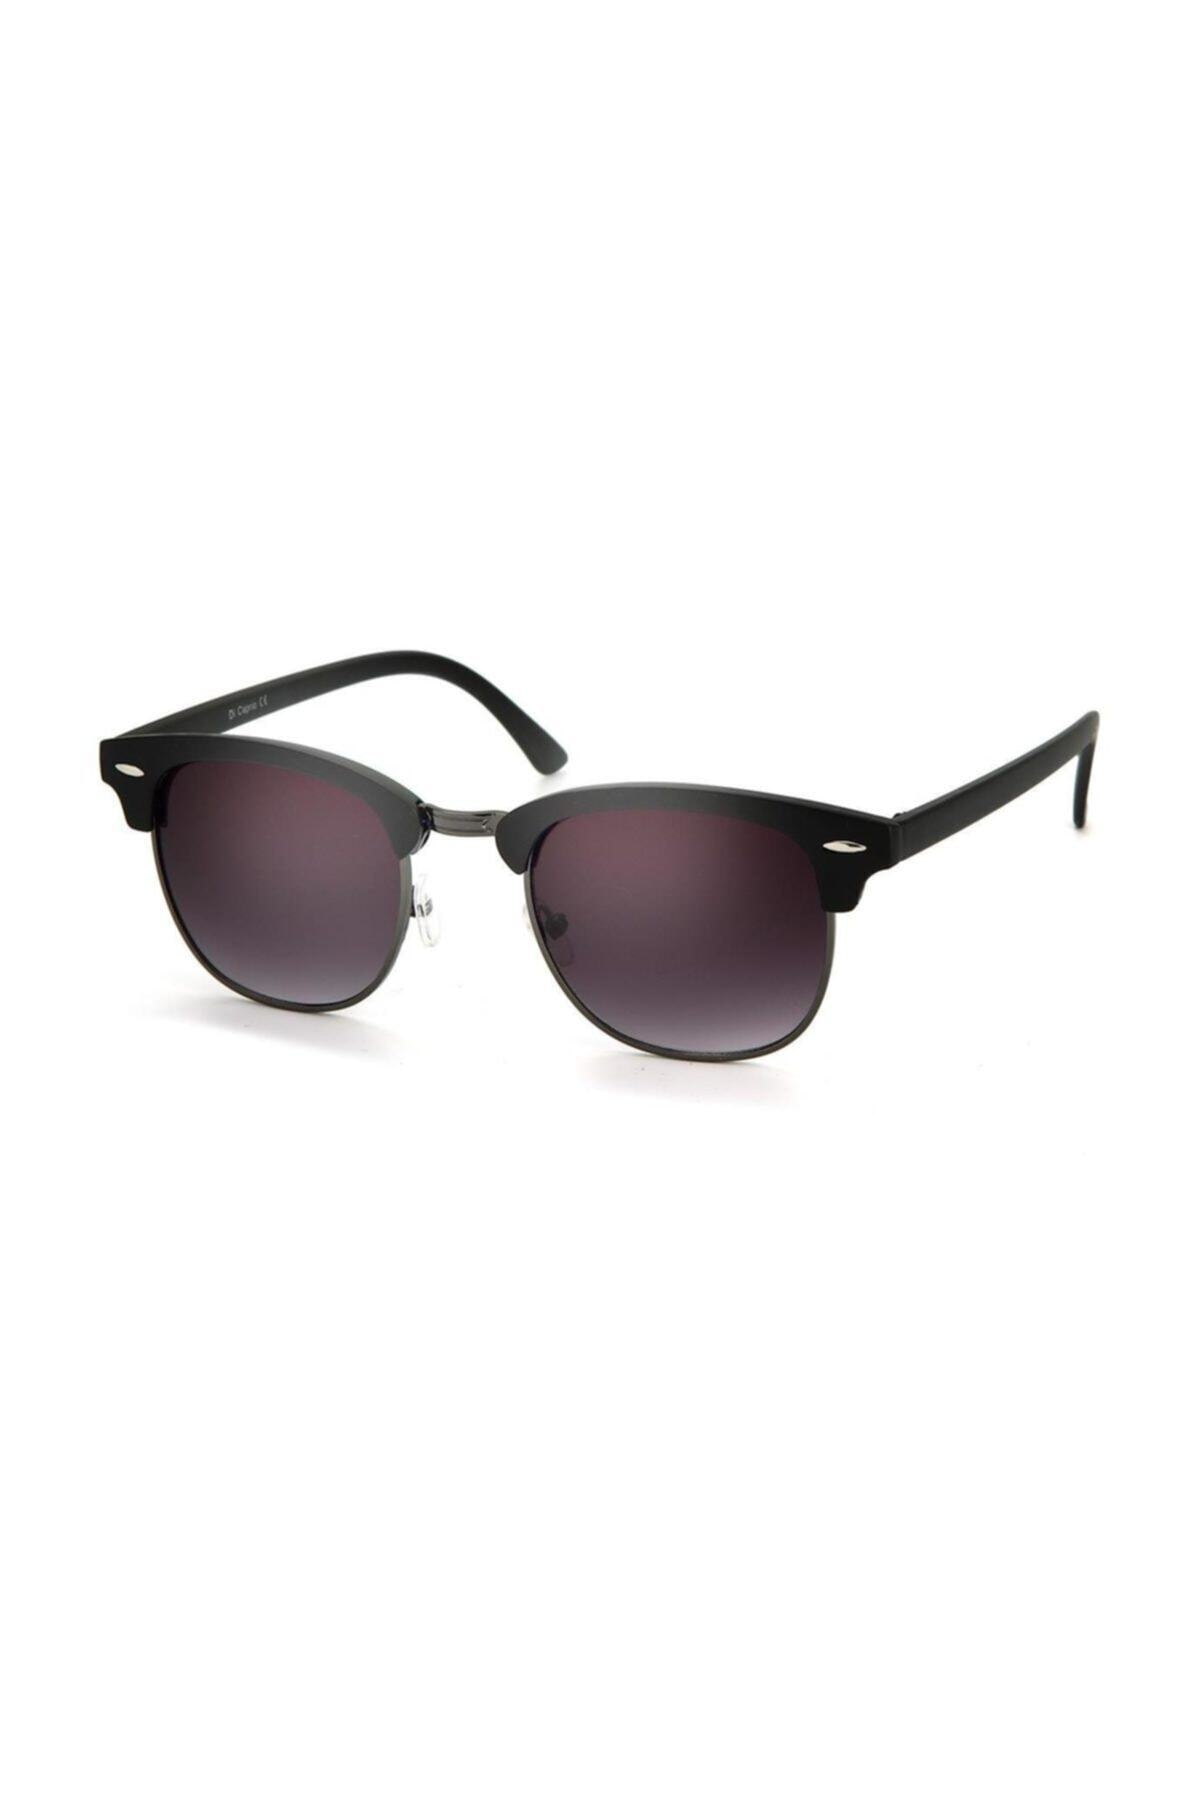 Di Caprio Unisex Oval Güneş Gözlüğü DH1543-B 1